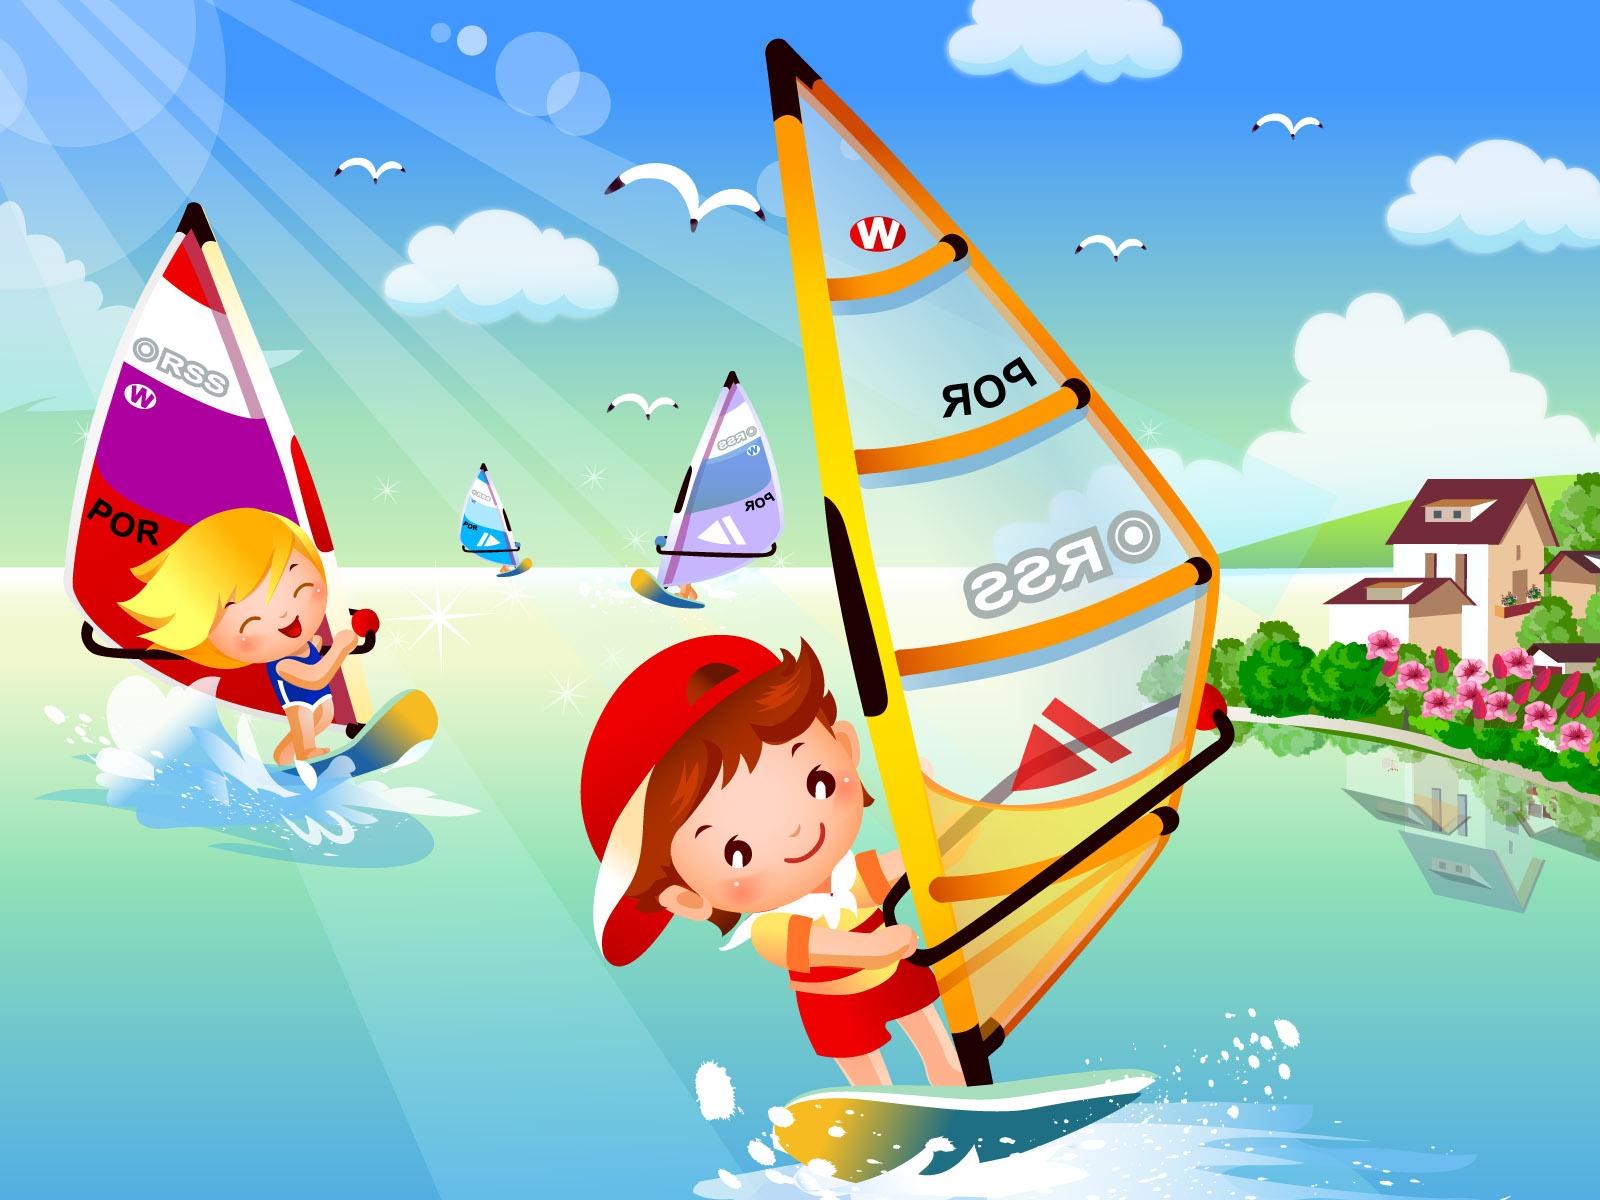 壁纸1600×1200儿童运动会 2 1壁纸 儿童运动会壁纸图片矢量壁纸矢量图片素材桌面壁纸